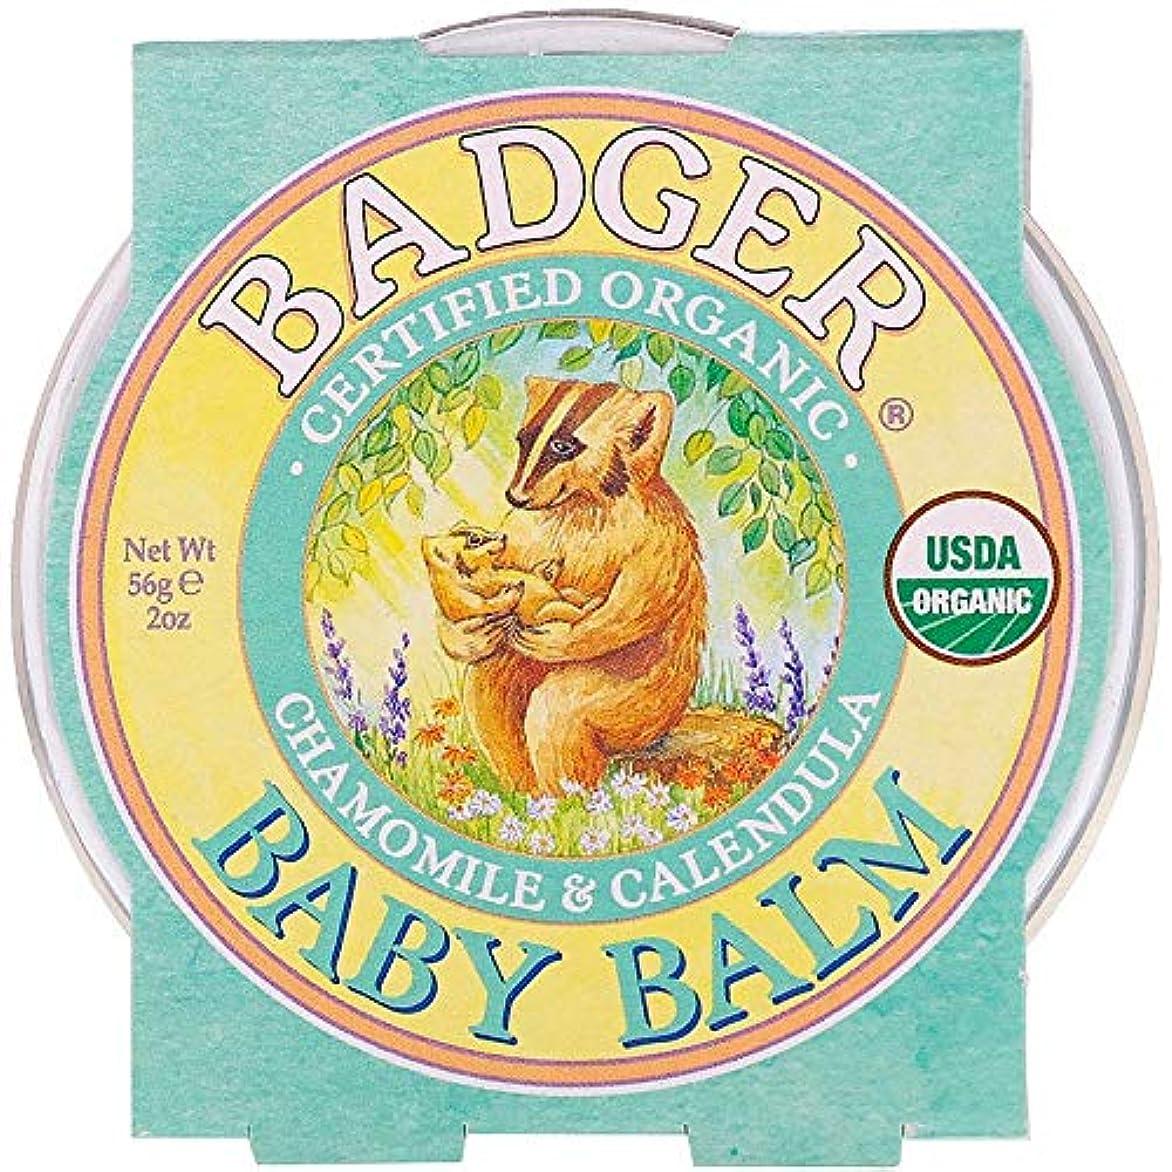 塊料理咲くバジャー(BADGER) デリケートバームChamomile & Calendula, 2 oz (56 g)- 2Packs